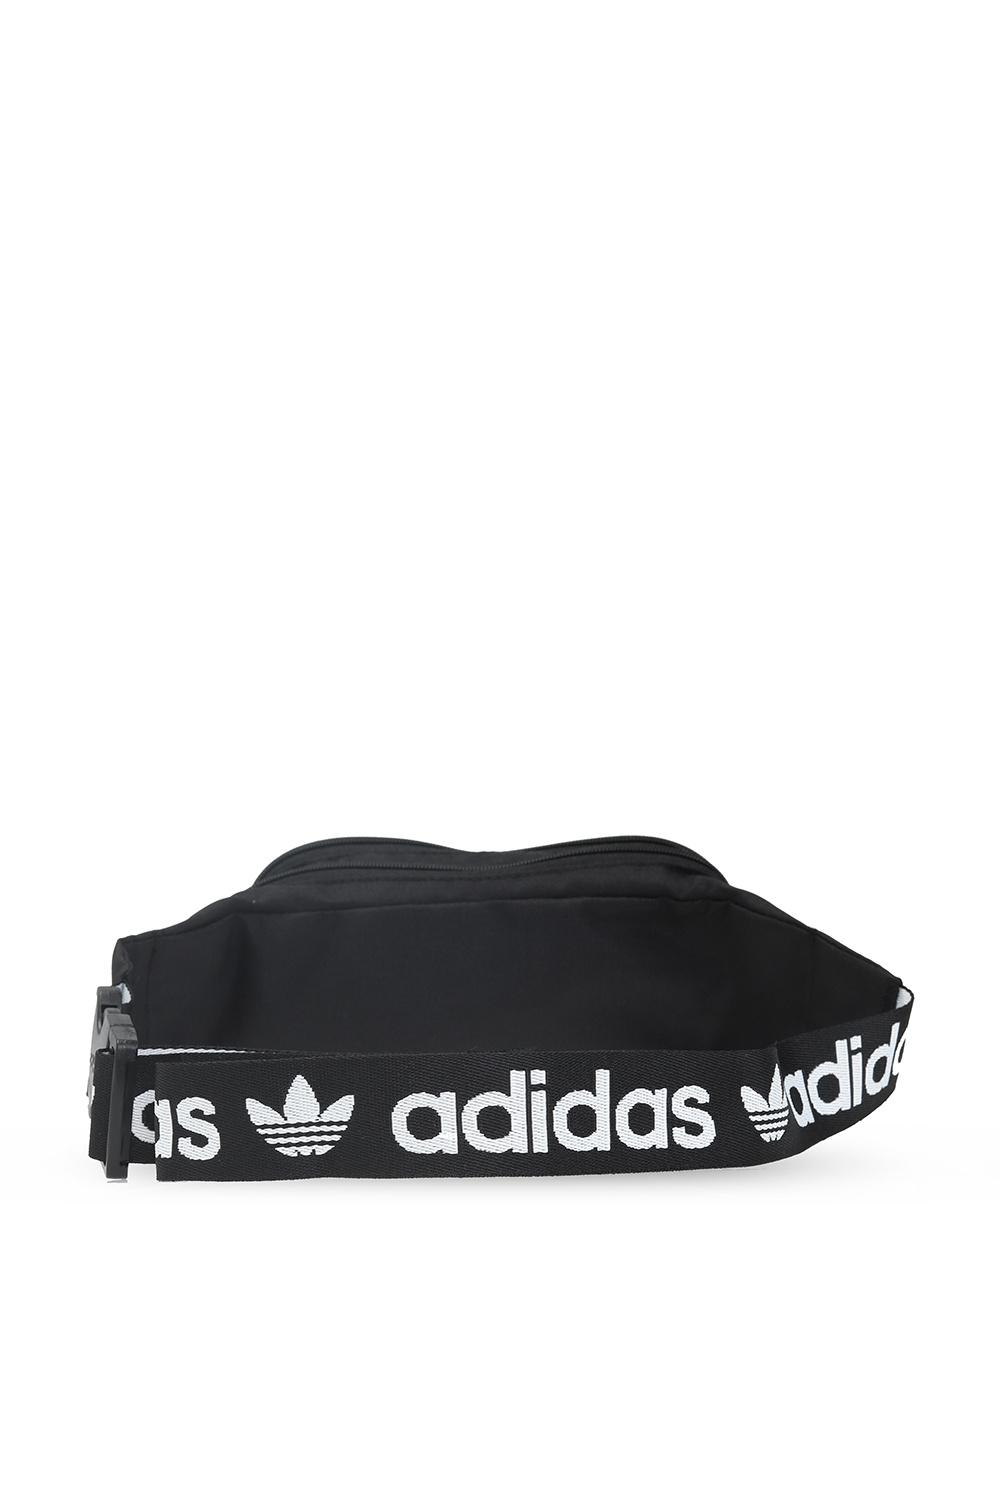 ADIDAS Originals Belt bag with logo